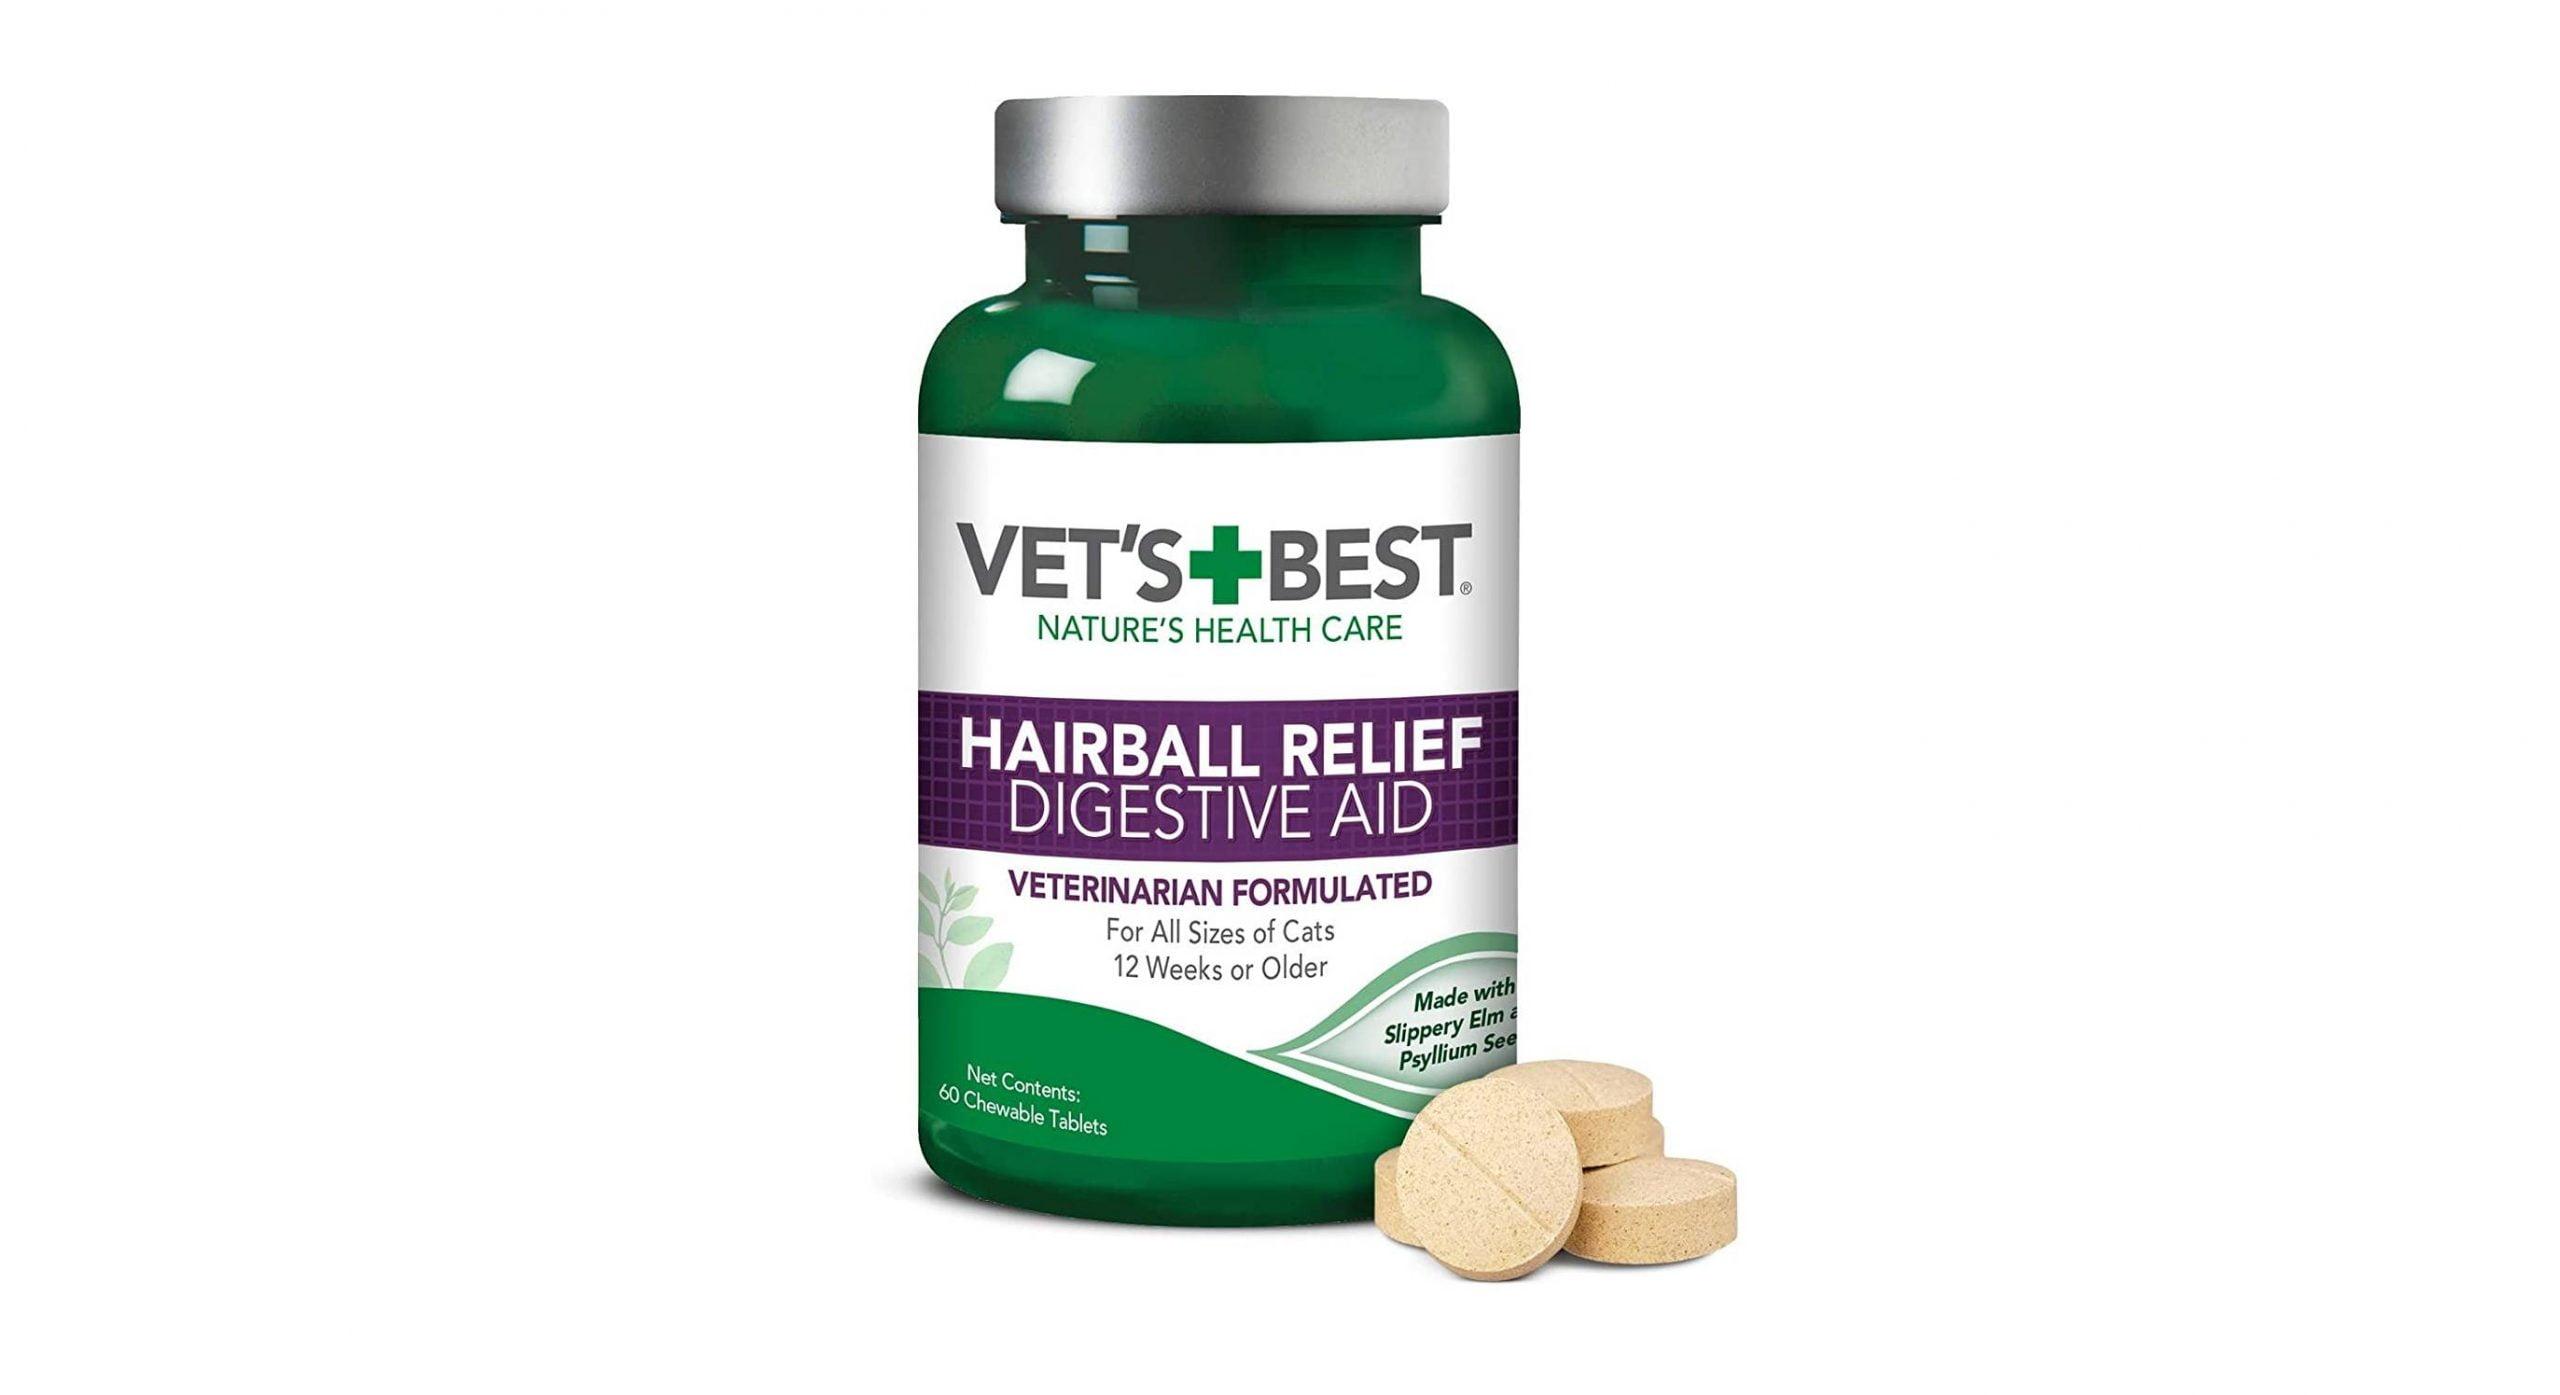 Guía con los mejores medicamentos para eliminar las bolas de pelo de los gatos [year] (análisis) 1